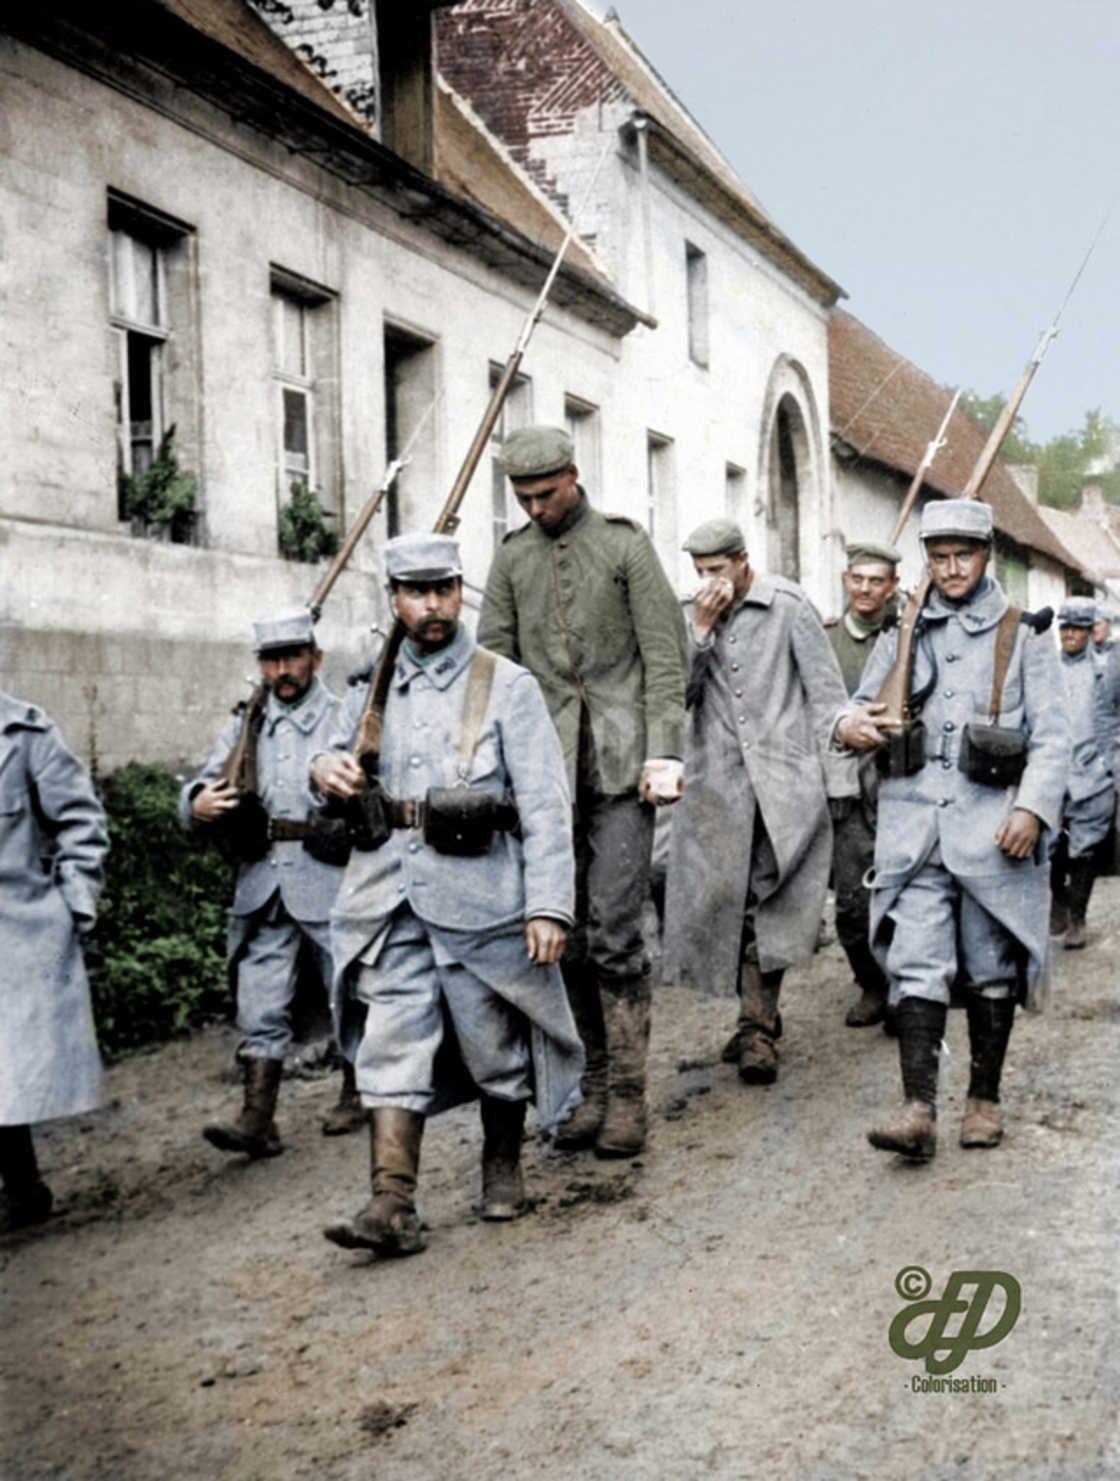 frederic-duriez-photographies-couleur-premiere-guerre-mondiale-21